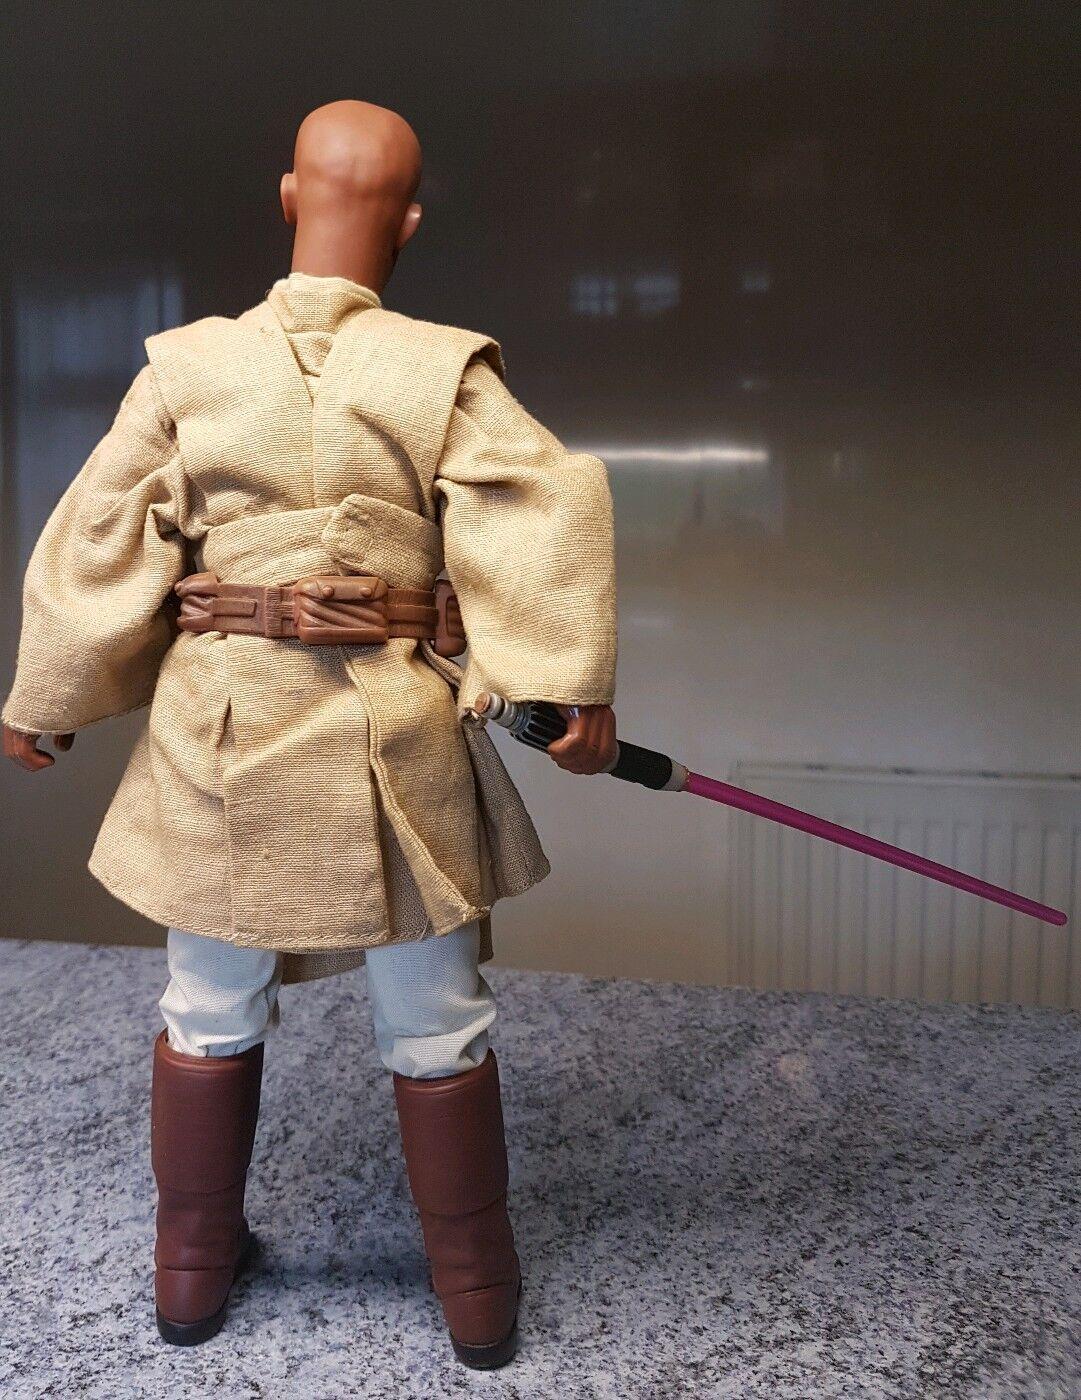 1 6 SCALA STAR WARS EPISODIO II L'attacco dei cloni Mace Windu 2002 Figura 12